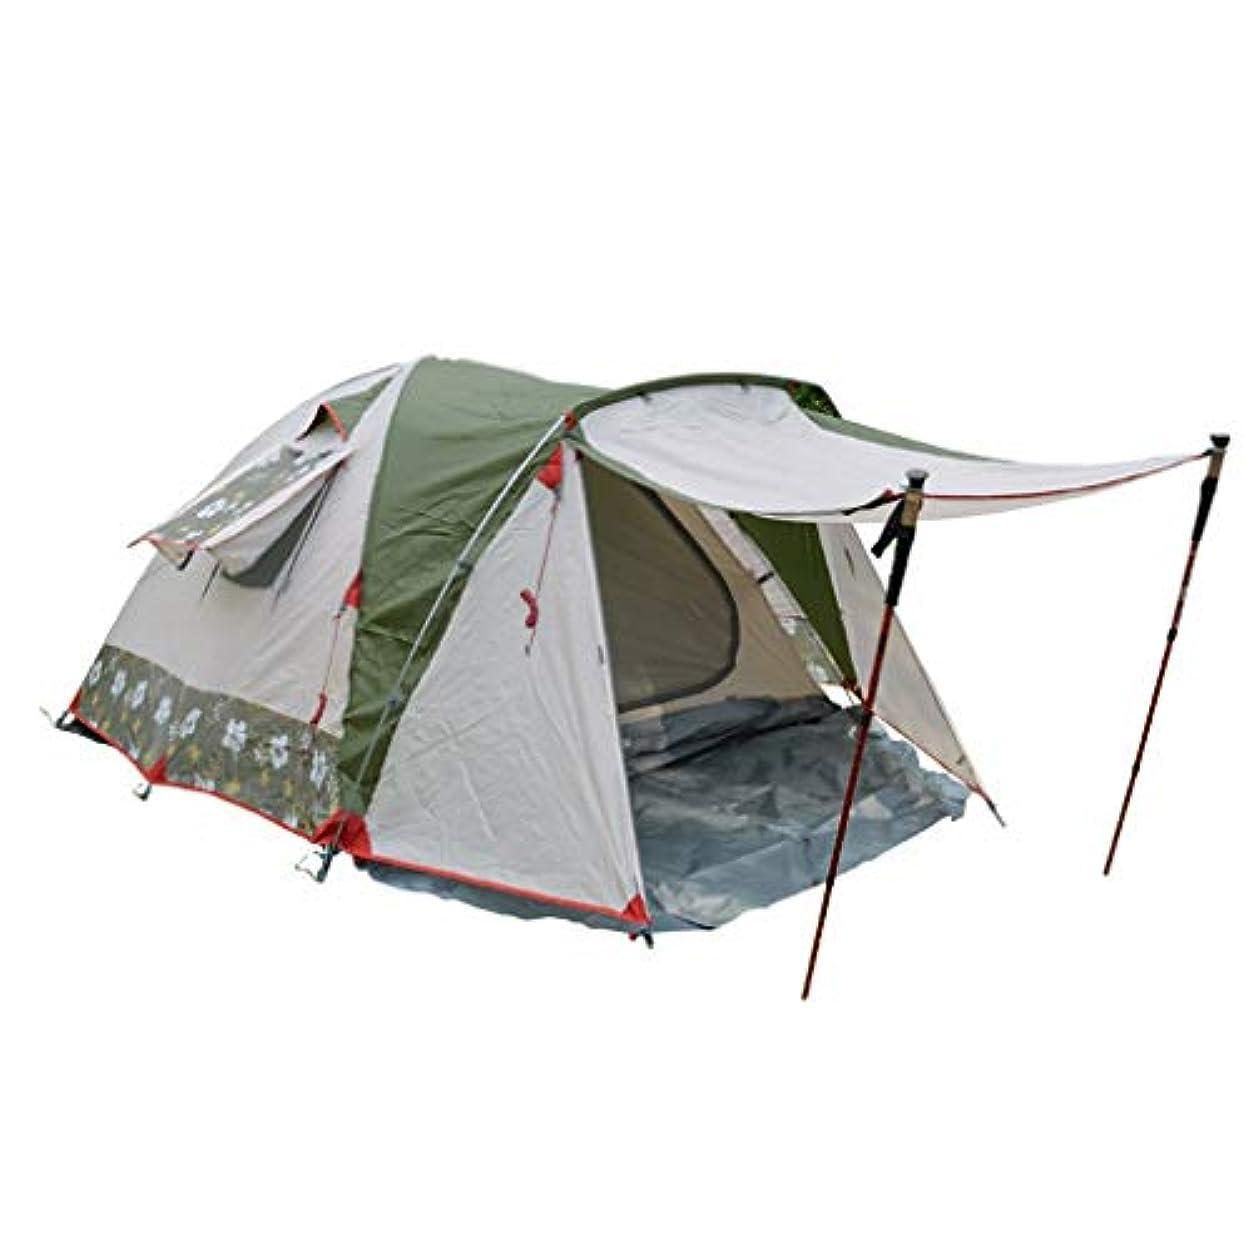 洗練練習した変更可能テント テント、野生の山キャンプ多人数観光アウトドアキャンプ折りたたみ大スペーステントアルミポールダブル収容できる3-4人